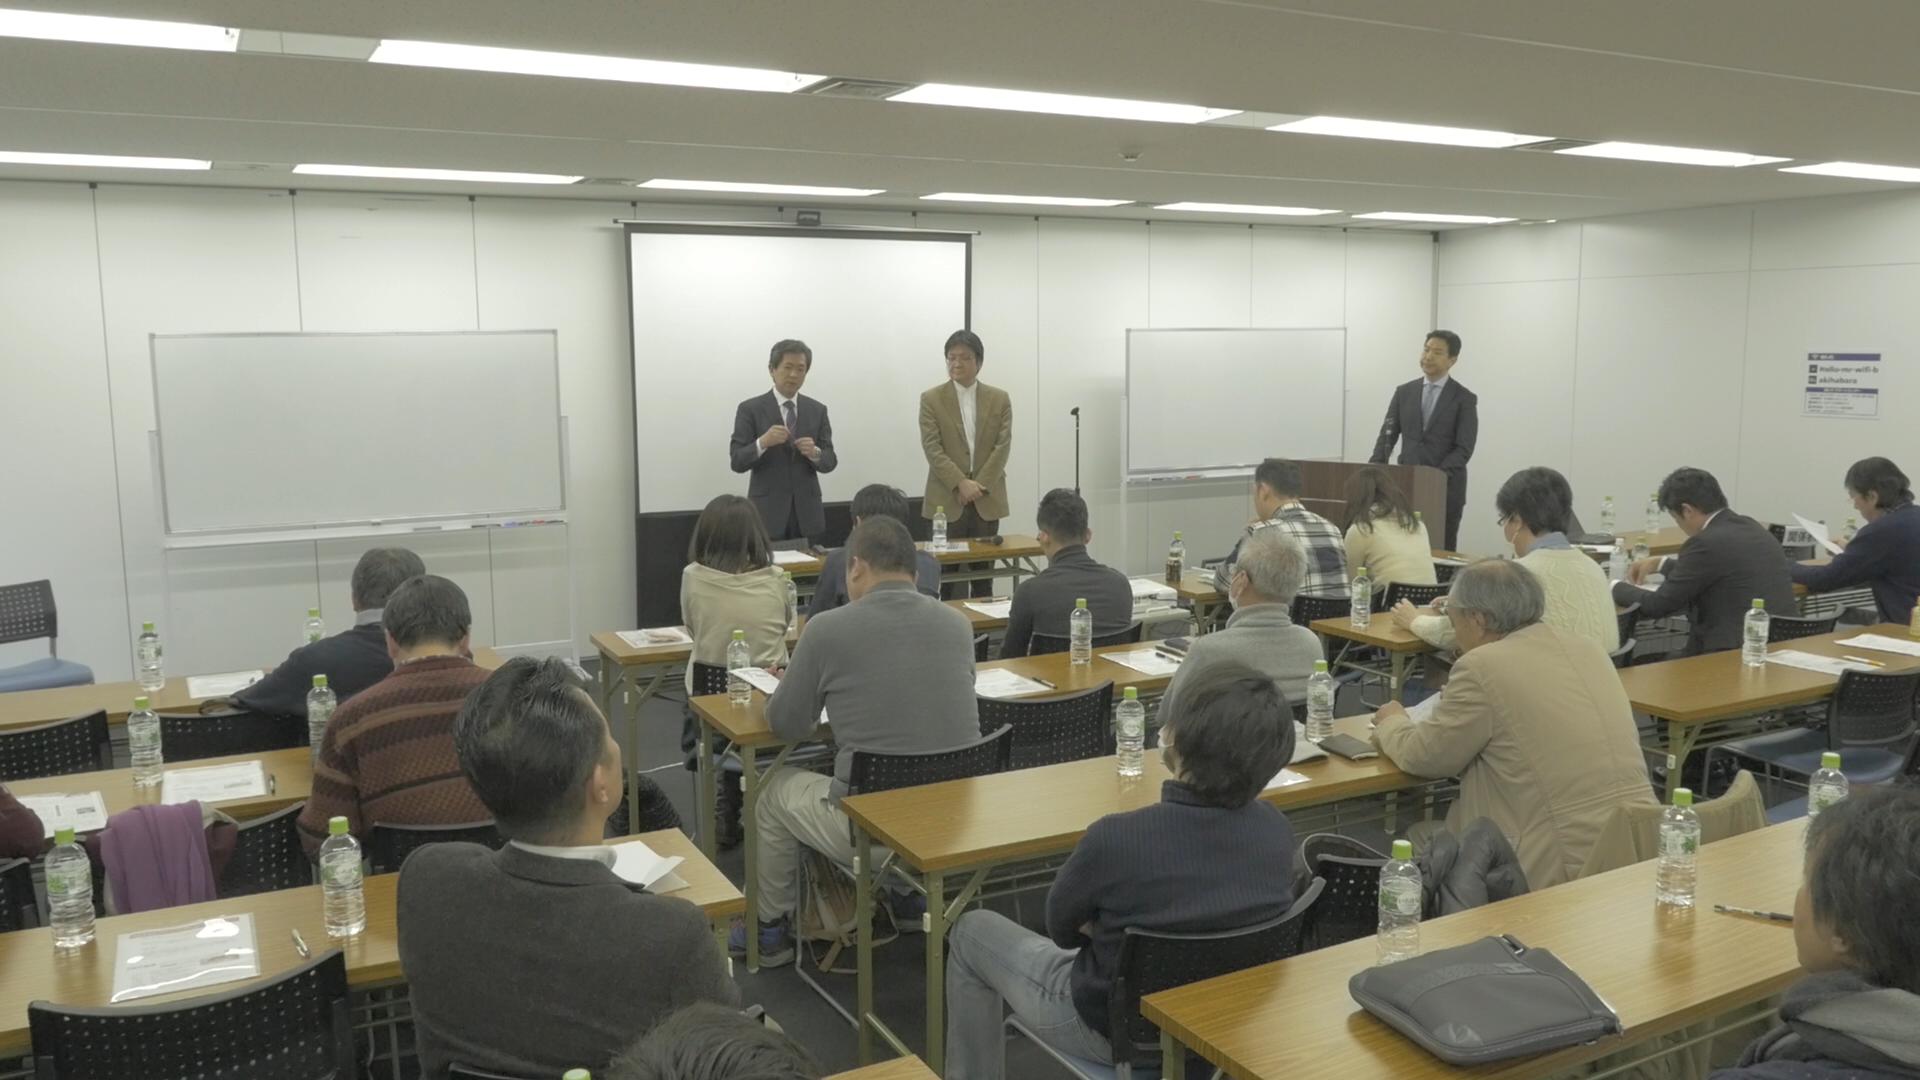 榊淳司氏とREDS代表 深谷の質疑応答の様子